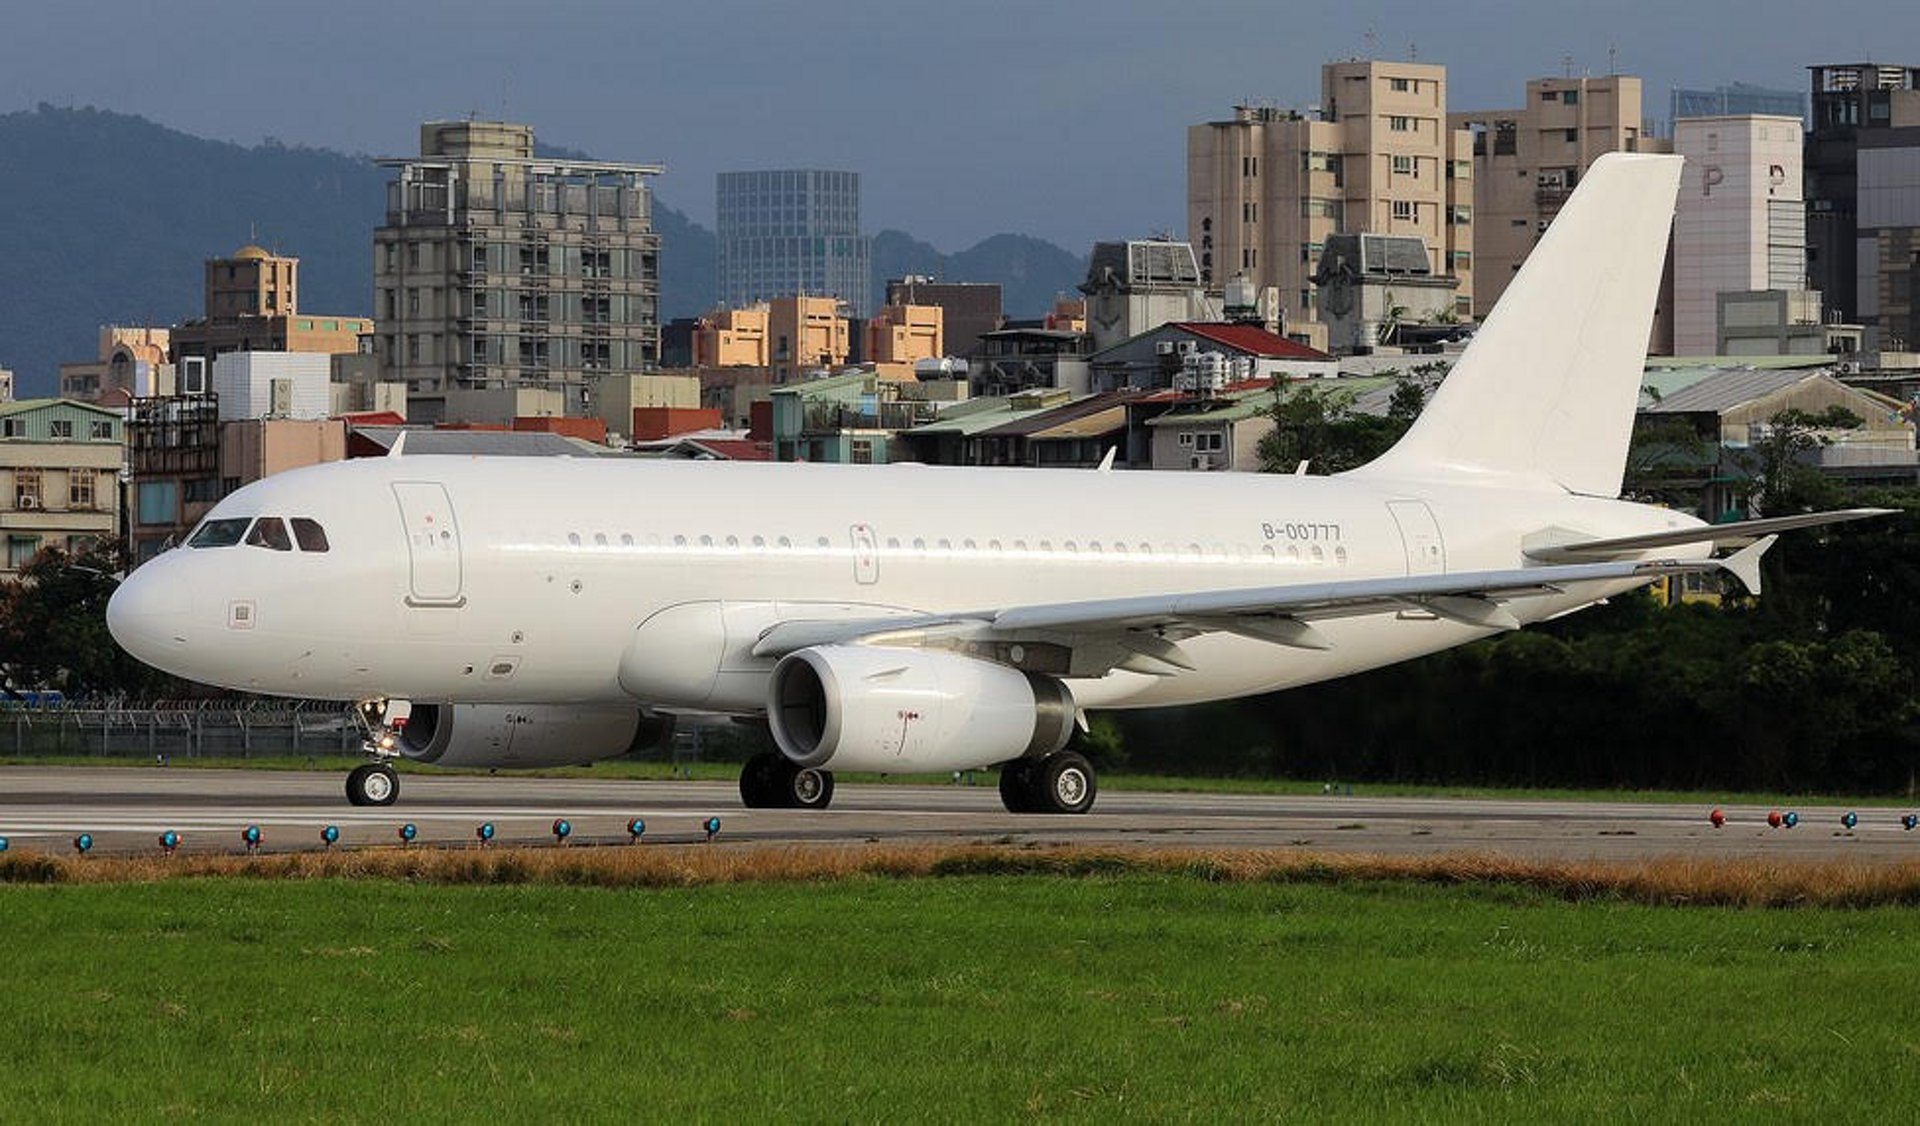 ACJ319 B-00777